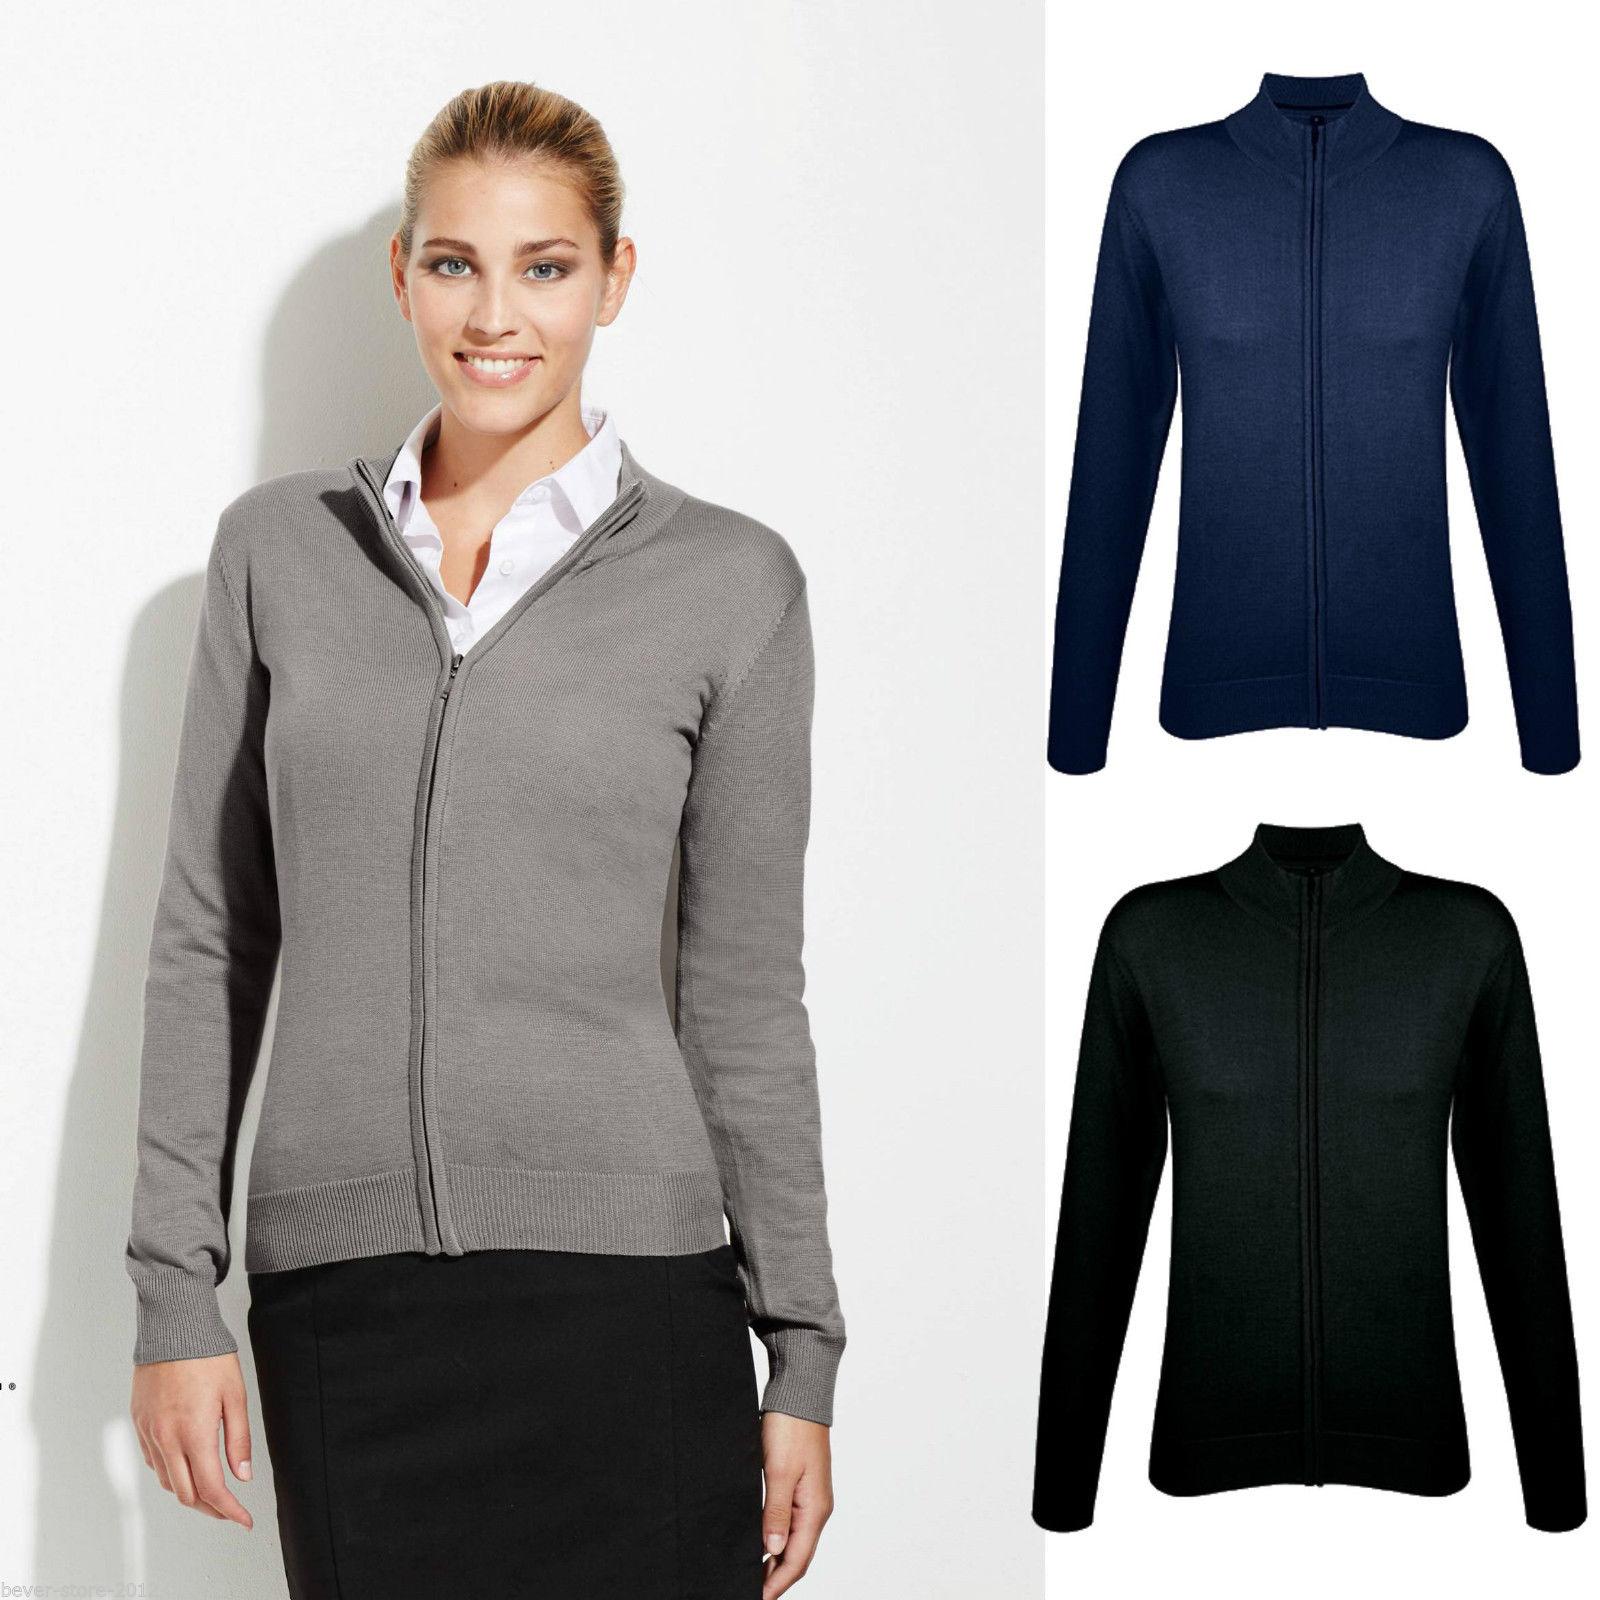 Laufschuhe größte Auswahl von 2019 100% Qualität Damen Cardigan Strickjacke mit Reißverschluss